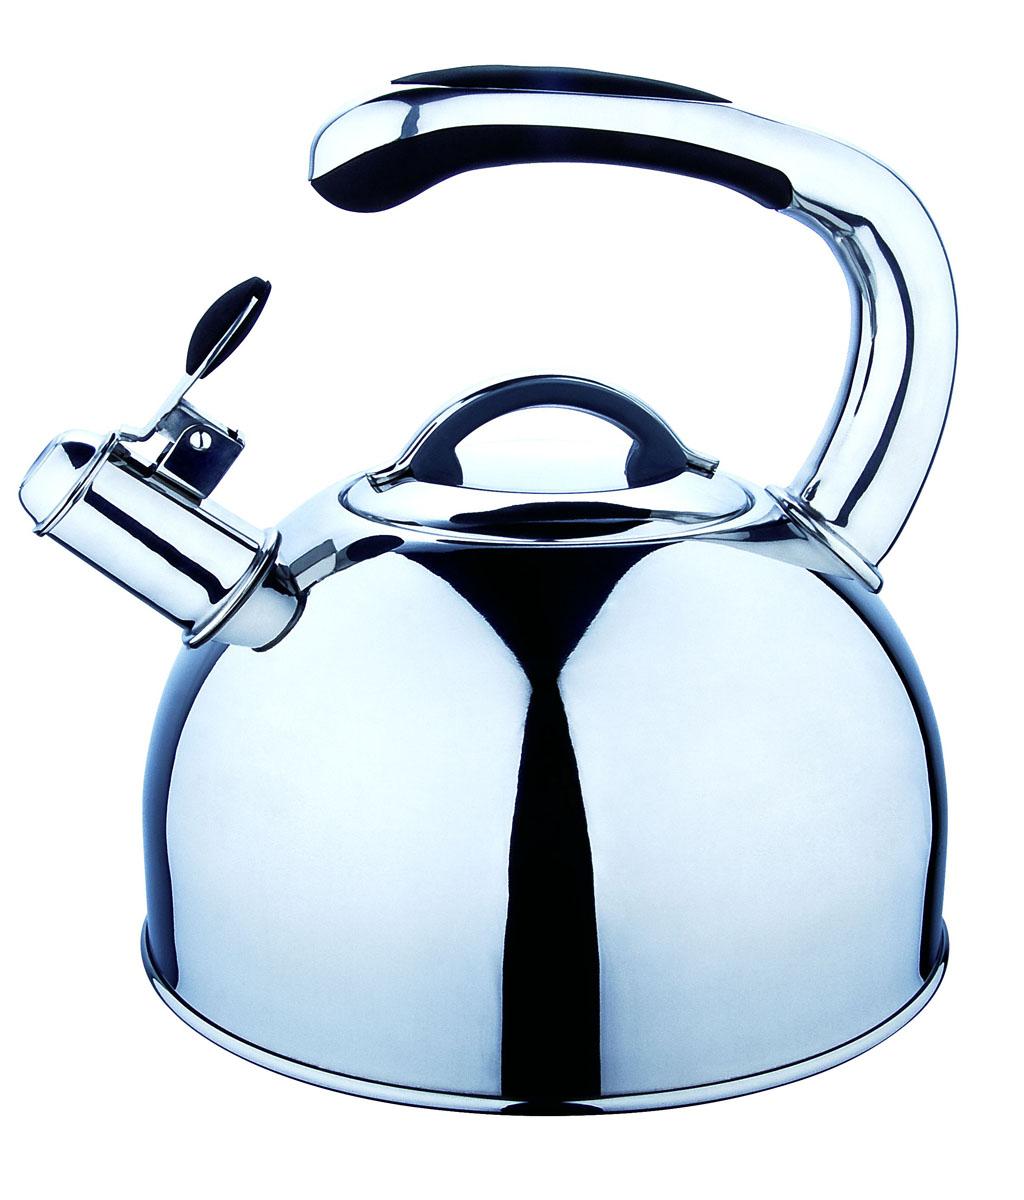 Чайник Regent Inox Tea со свистком, 2,5 л. 93-TEA-0293-TEA-02Чайник Regent Inox Tea выполнен из высококачественной нержавеющей стали 18/10 с зеркальной полировкой. Основные особенности: - оптимальное соотношение толщины дна и стенок посуды, что обеспечивает равномерное распределение тепла, экономию энергозатрат и устойчивость к деформации, - сохранение в воде всех полезных свойств и микроэлементов, - многослойное капсулированное дно: аккумулирует тепло, способствует быстрому закипанию и приготовлению пищи даже при небольшой мощности конфорок, - функционален, гигиеничен, эргономичен, а благодаря оригинальному дизайну чайник станет украшением любой кухни. Чайник оснащен крышкой и удобной ручкой с бакелитовыми вставками черного цвета. Откидной свисток на носике чайника всегда подскажет, когда вода закипела. Подходит для всех типов плит, включая индукционные. Можно мыть в посудомоечной машине.